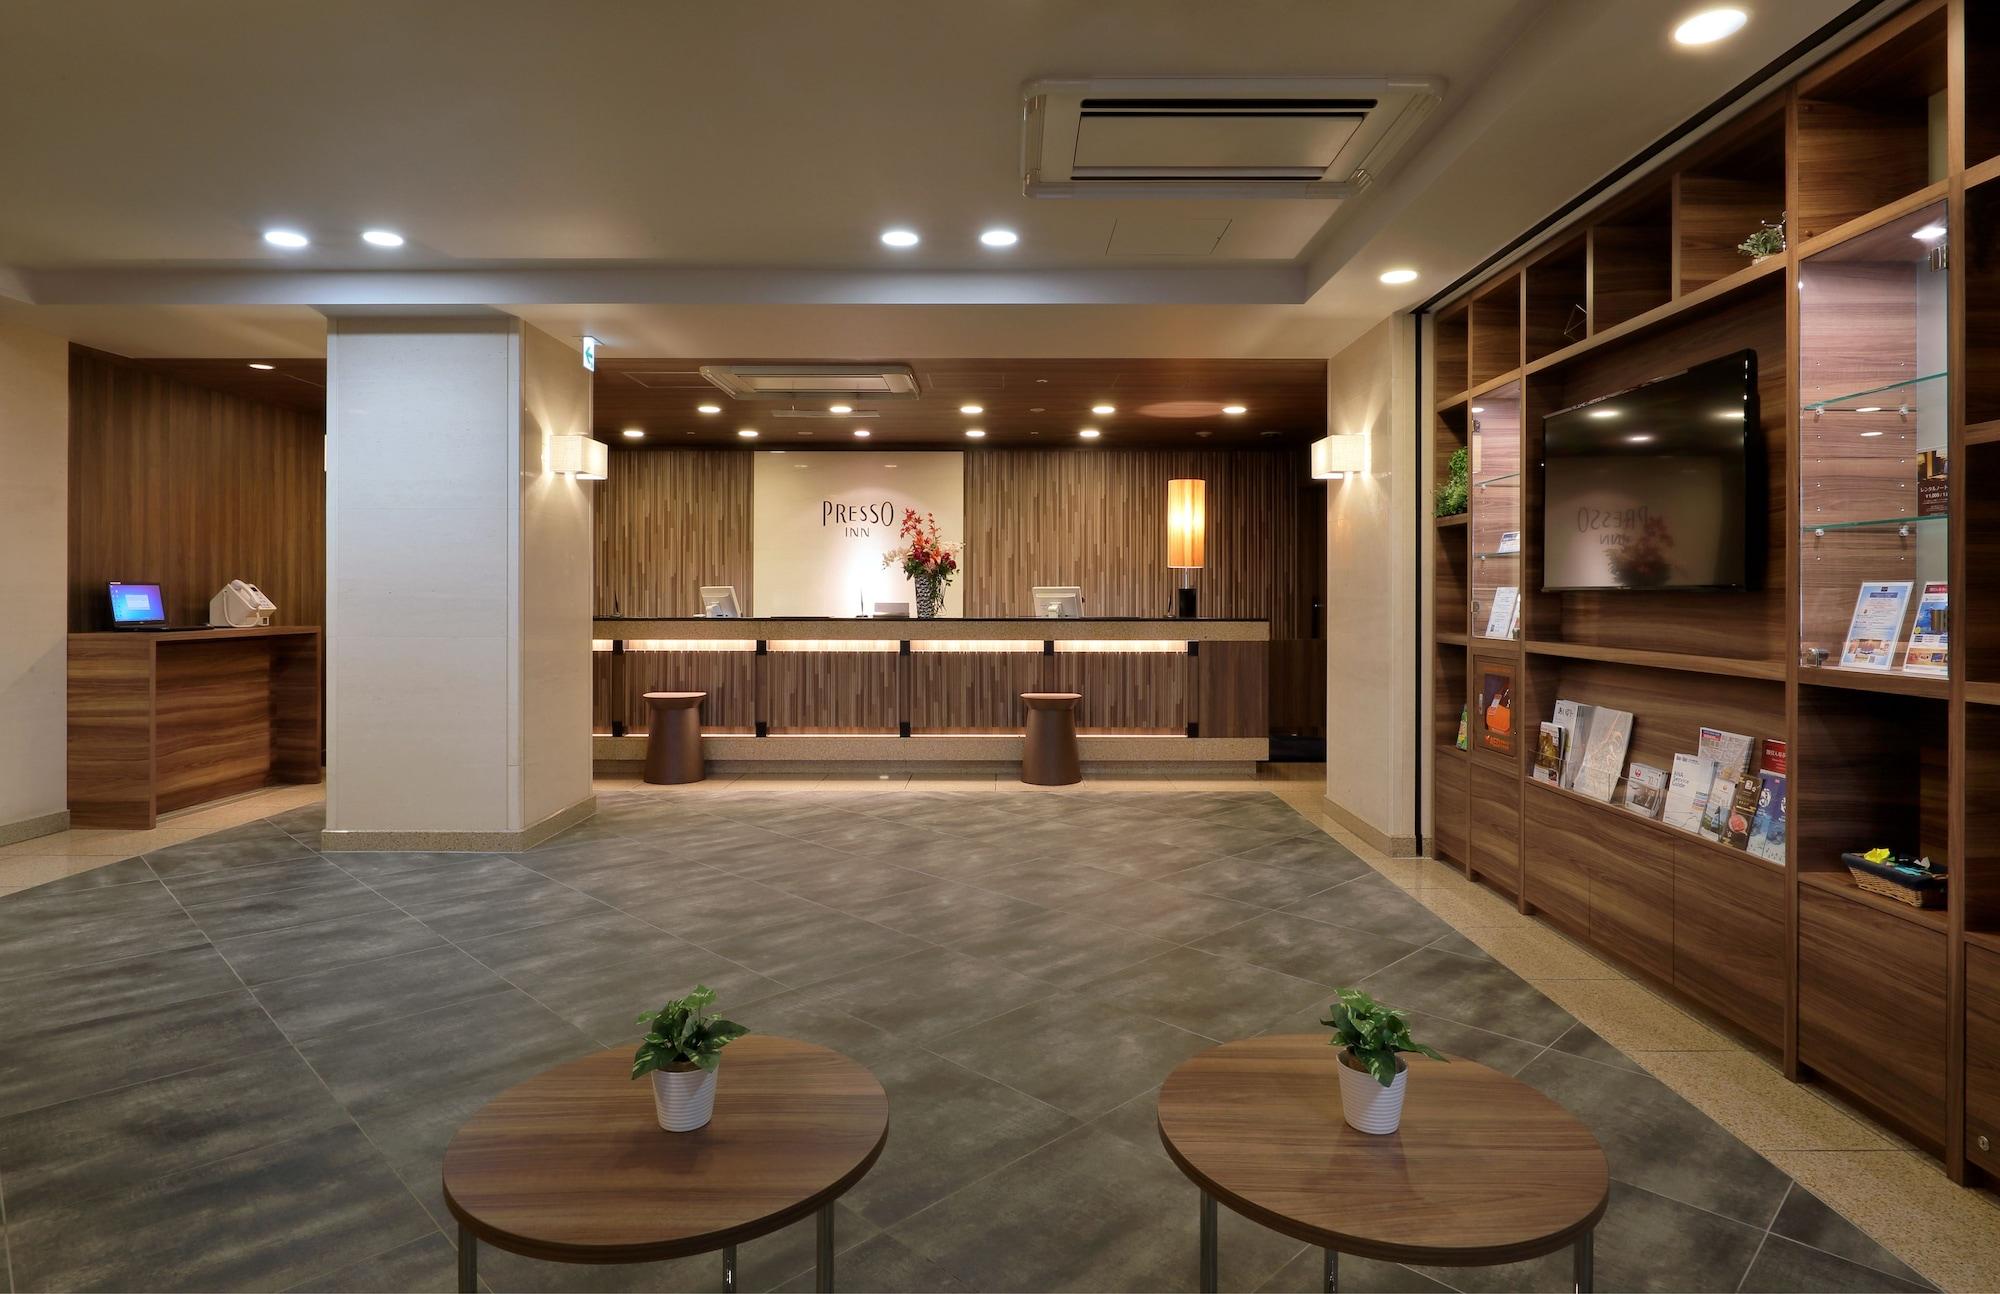 Keio Presso Inn Ikebukuro, Toshima